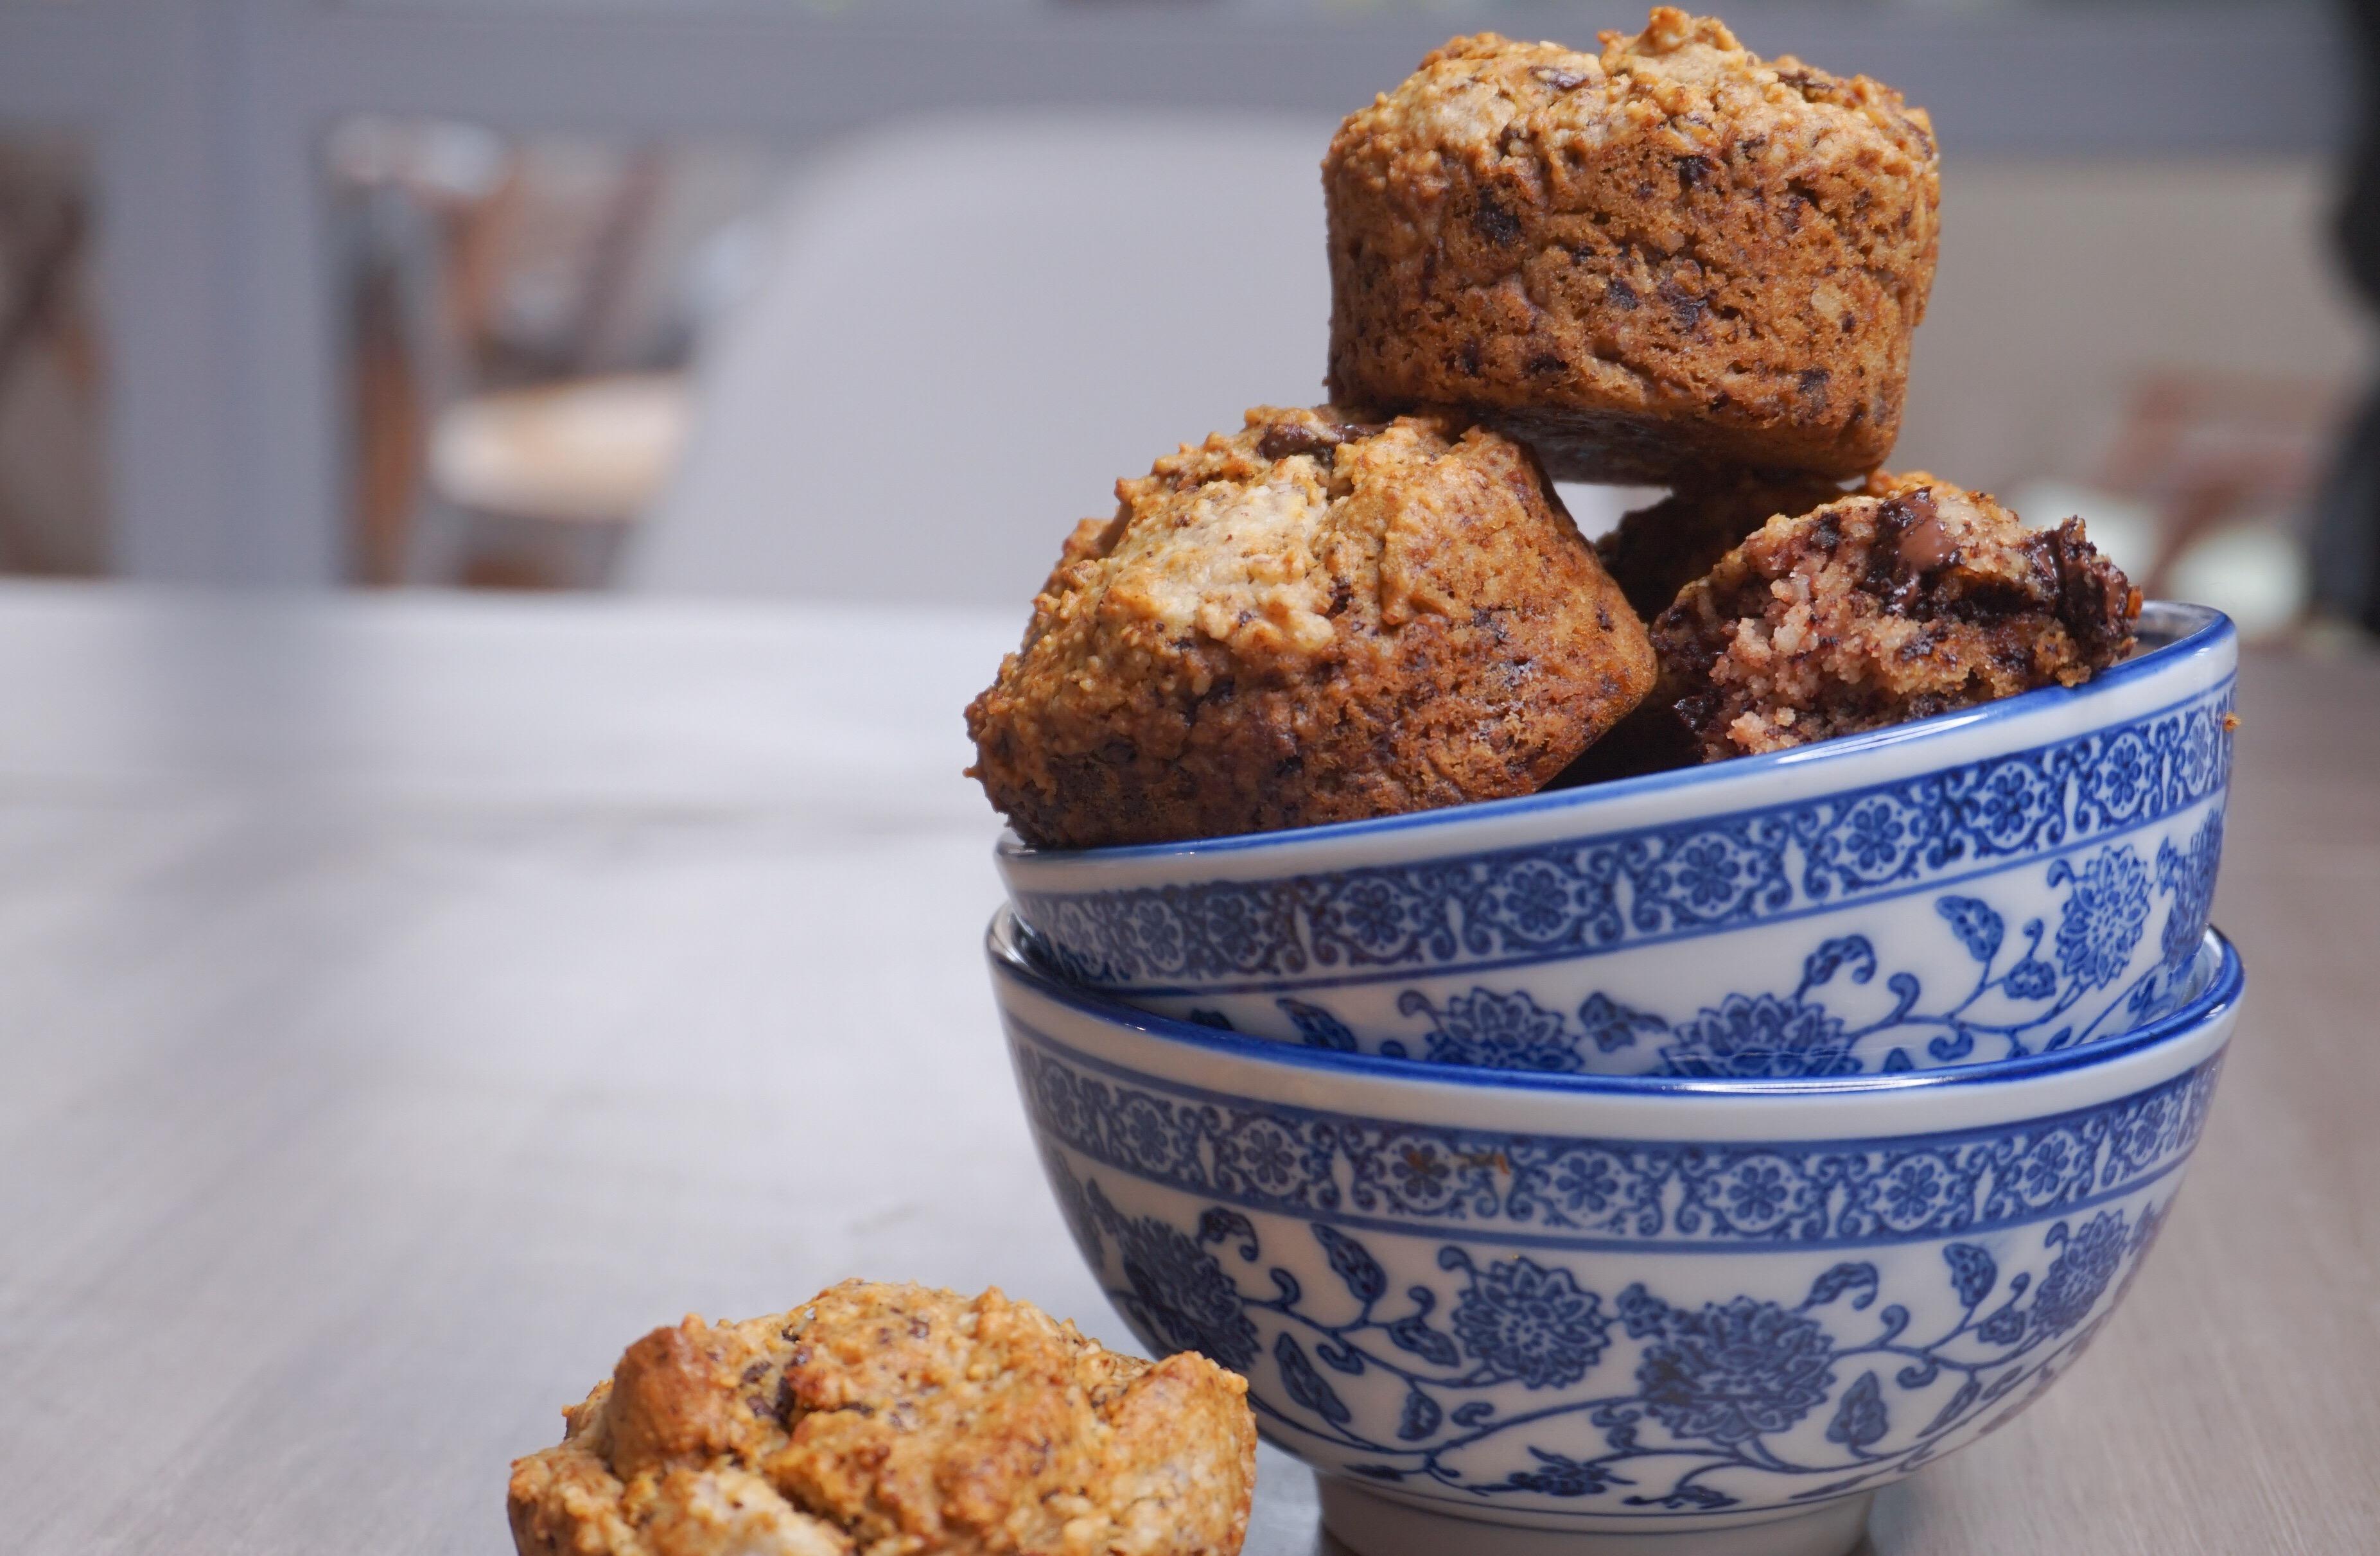 Cuisiner sans gluten et vegan, c'est facile et express avec cette recette de muffins au chocolat